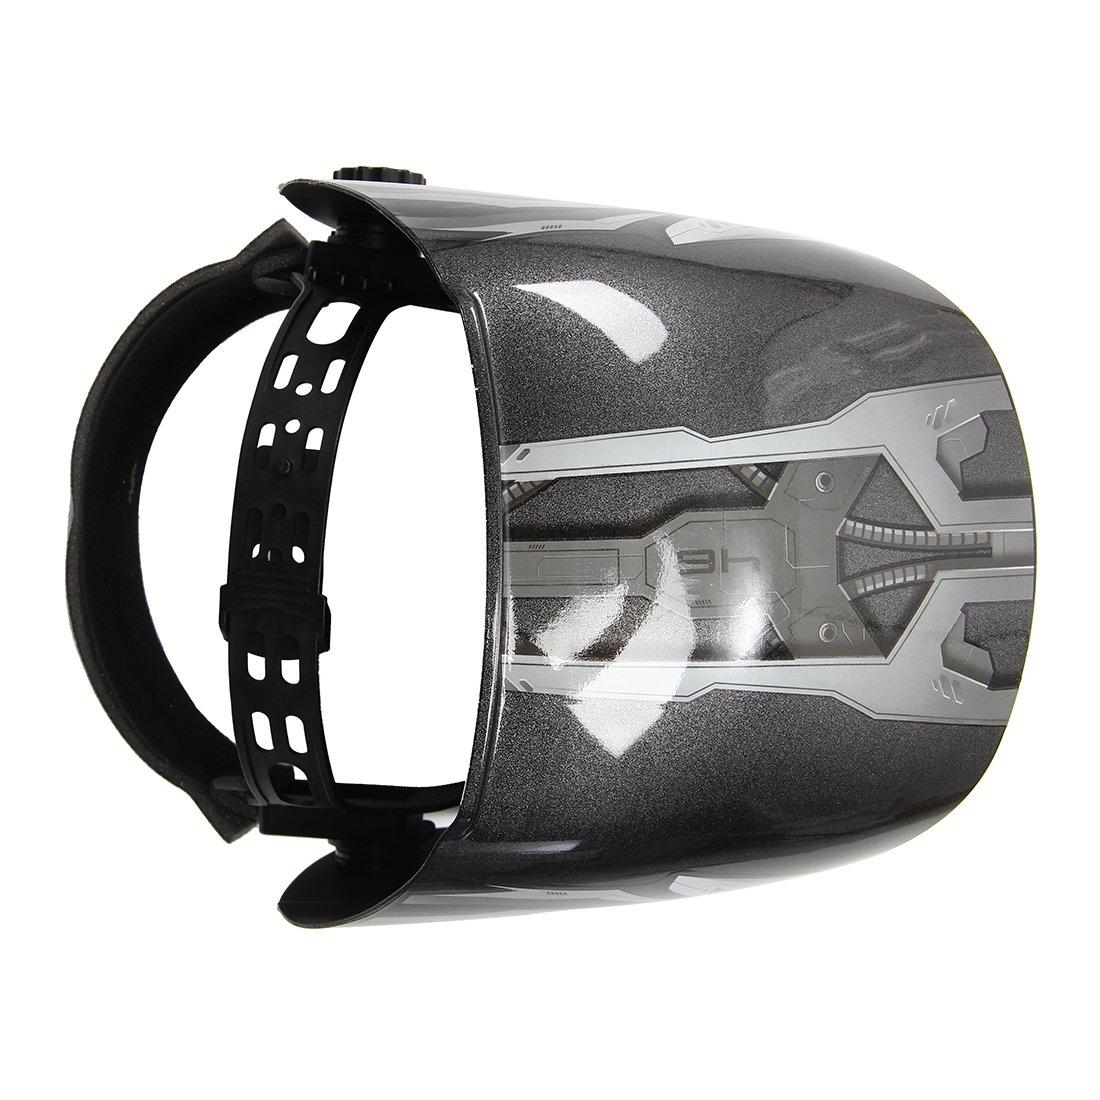 R SODIAL Solar Auto Darkening Welding Helmet TIG MIG Weld Welder Lens Grinding Mask Welding Helmet